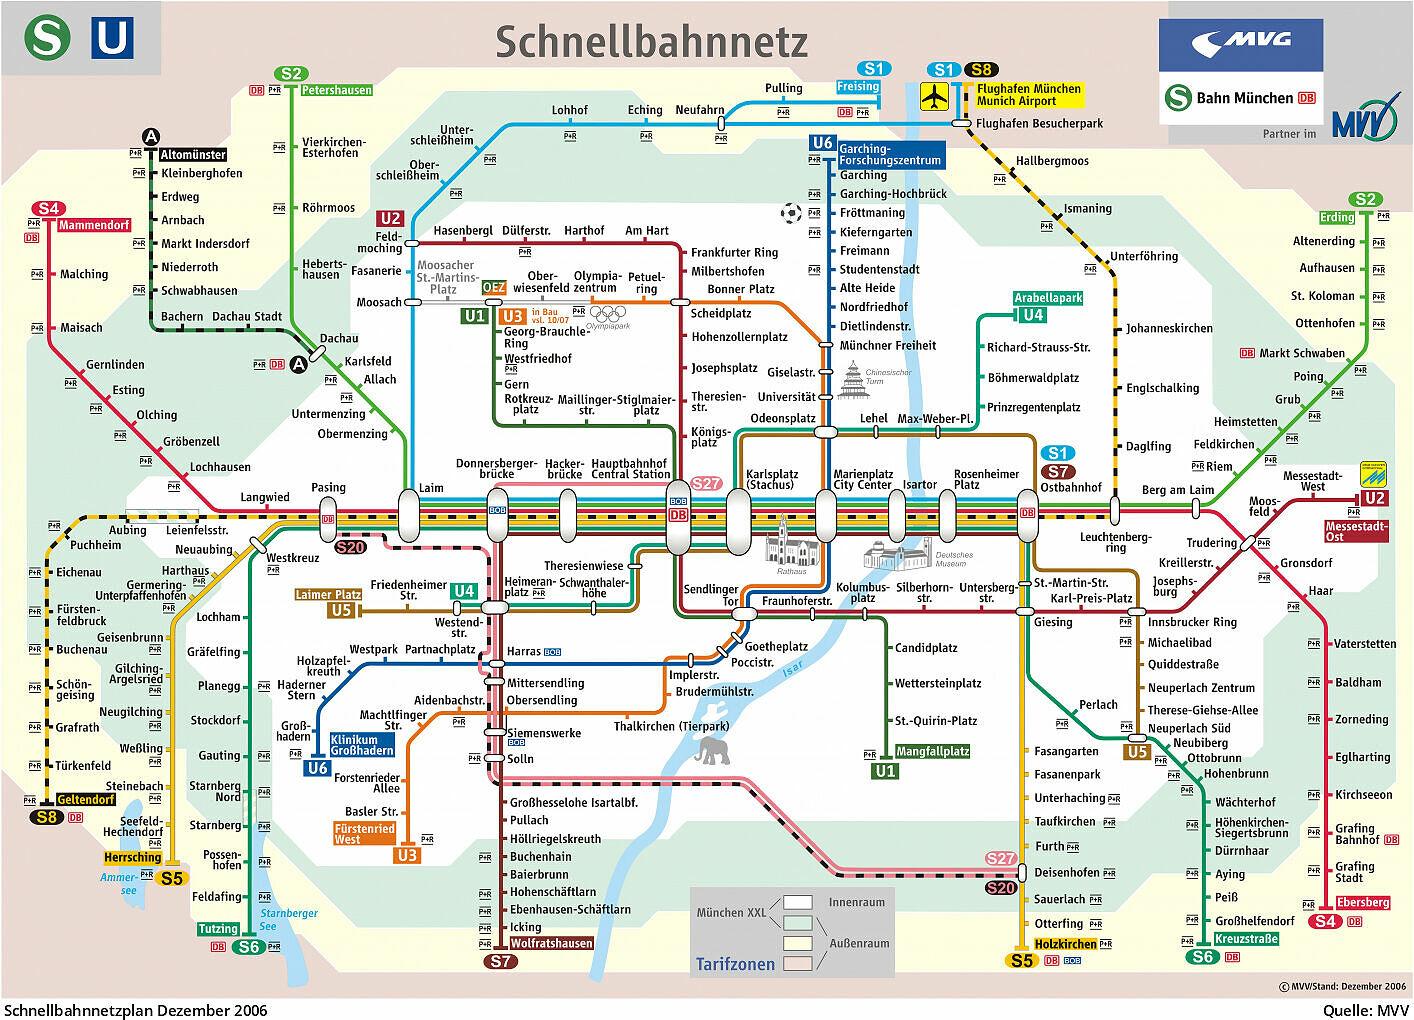 Mvv Karte.Pläne Des Mvv Schnellbahnnetzes Von 1972 Bis Heute U Bahn München